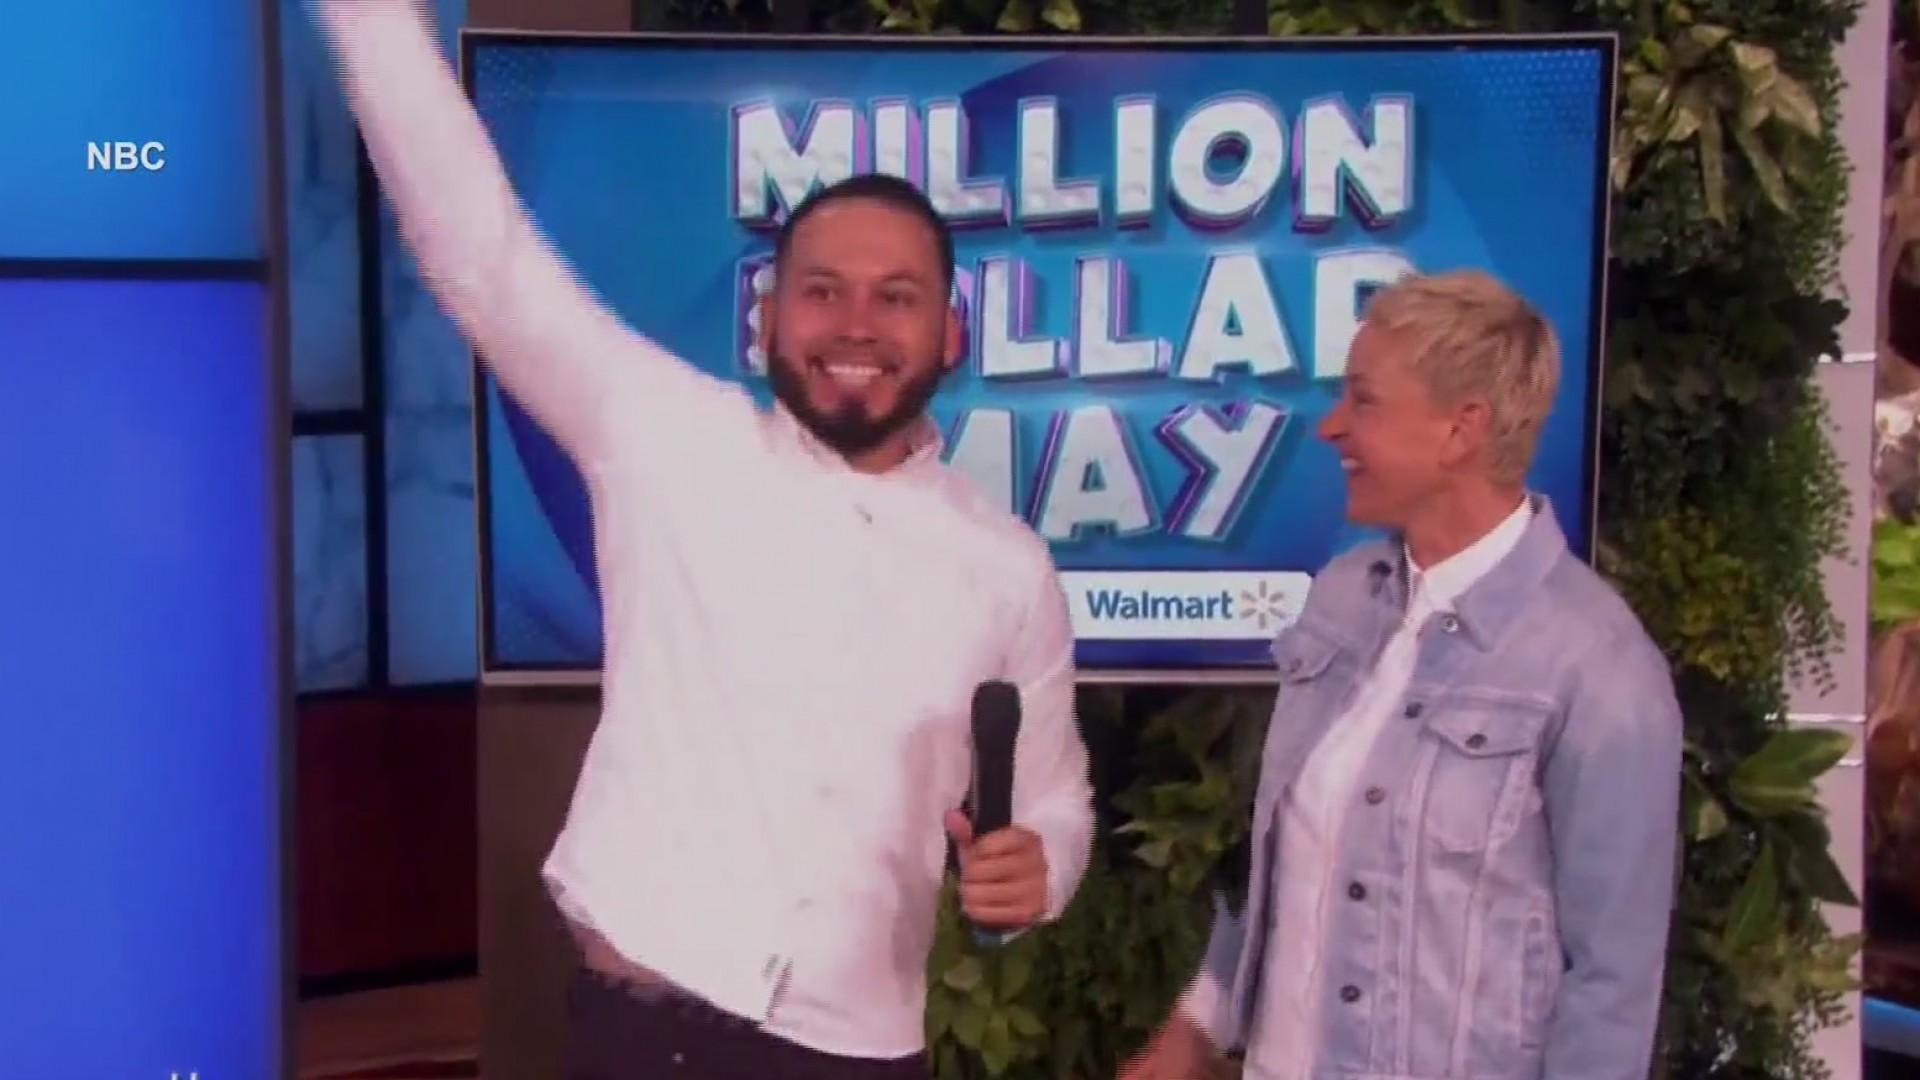 Local teacher wins big on Ellen show